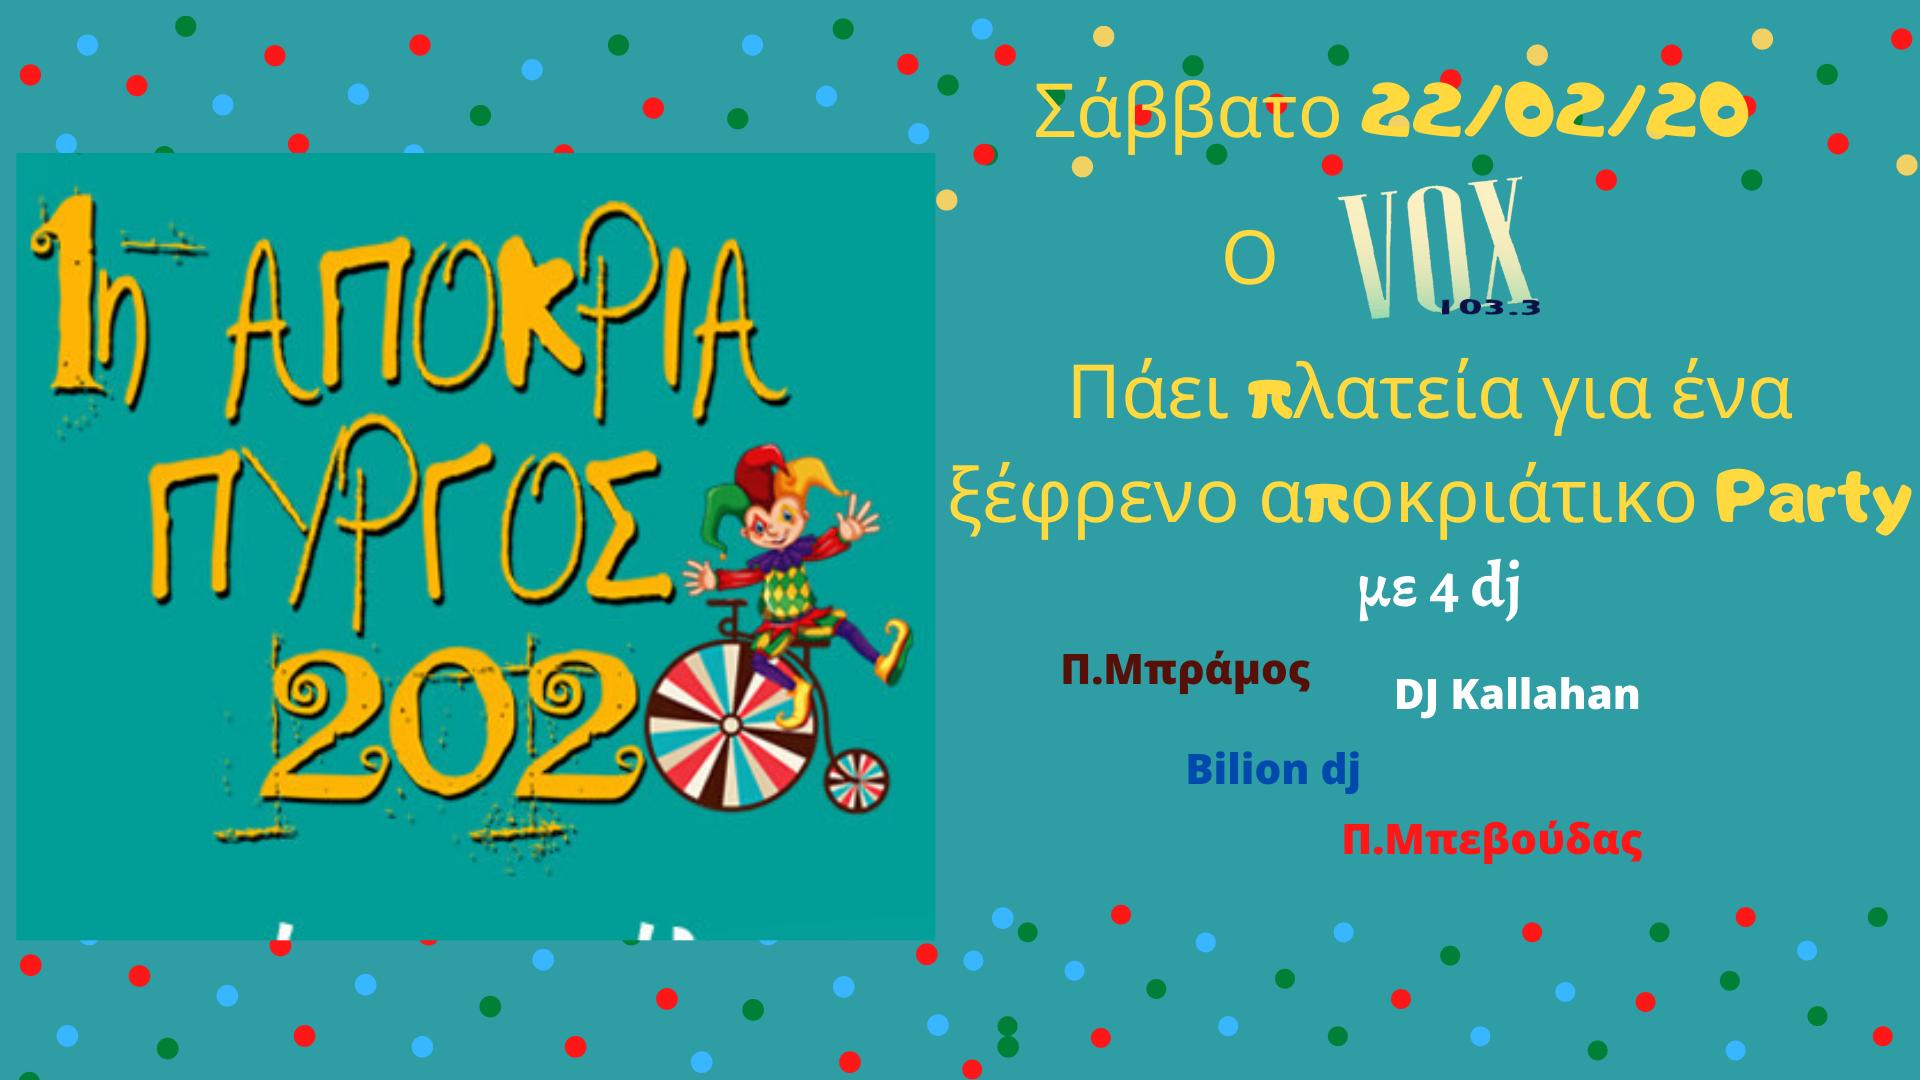 1η Αποκριά Πύργος 2020: Ας αρχίσει το πάρτι απόψε Σάββατο 22/02 στην Κεντρική Πλατεία- 4 αγαπημένοι dj-ραδιοφωνικοί παραγωγοί του VOX 103,3 μας παρασύρουν σε χορό με τις μουσικές τους – Μαζί και οι Σχολές Χορού Πύργου με χορογραφίες